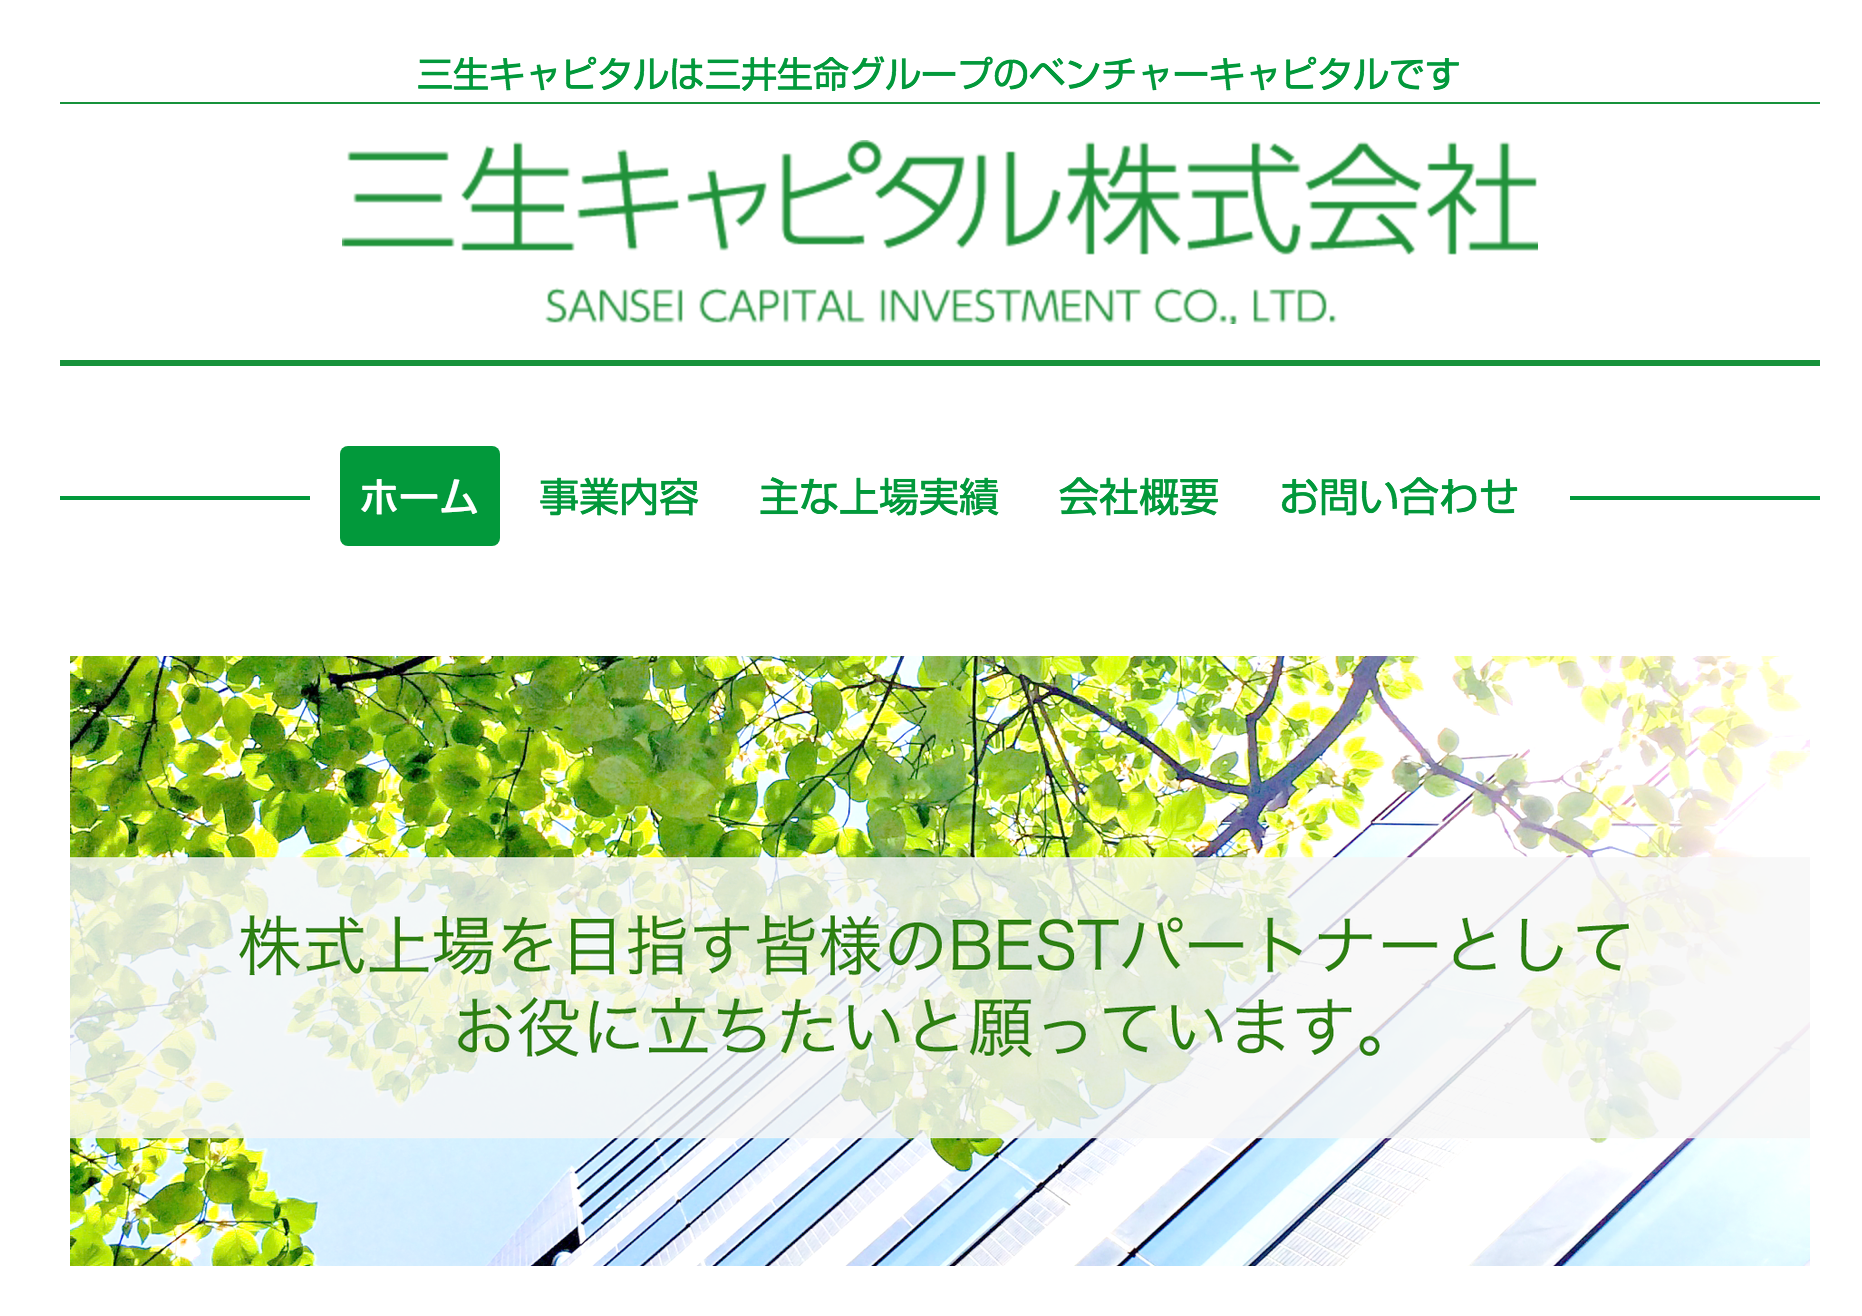 【2017年版】日本の 金融系 ベンチャーキャピタル VC 一覧 まとめ13選-三生キャピタル